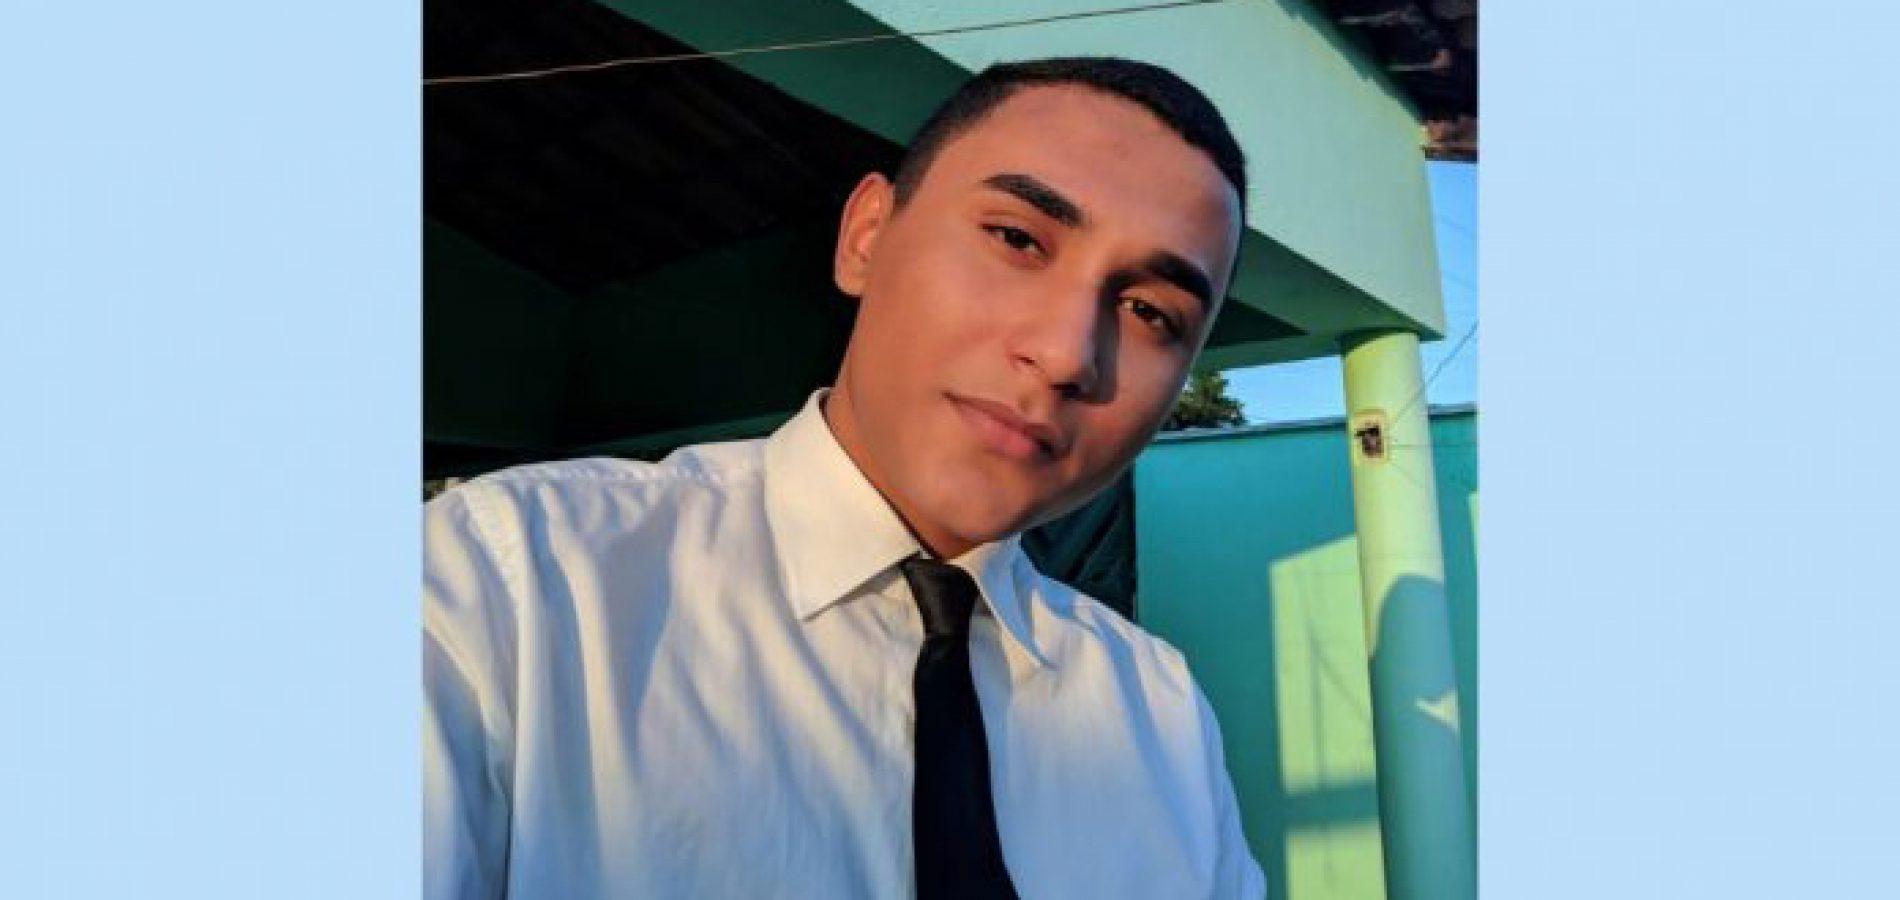 Jovem de São Julião é vencedor no concurso de vídeo da Câmara dos Deputados. Veja!